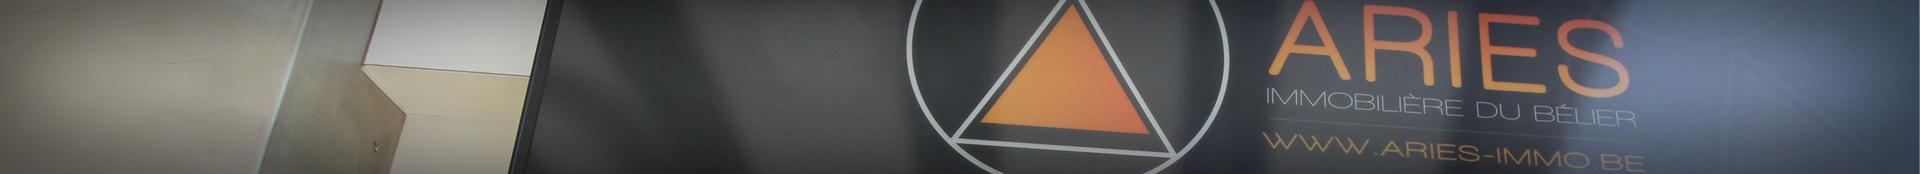 Aries collabore avec Servisco pour un meilleur marketing immobilier